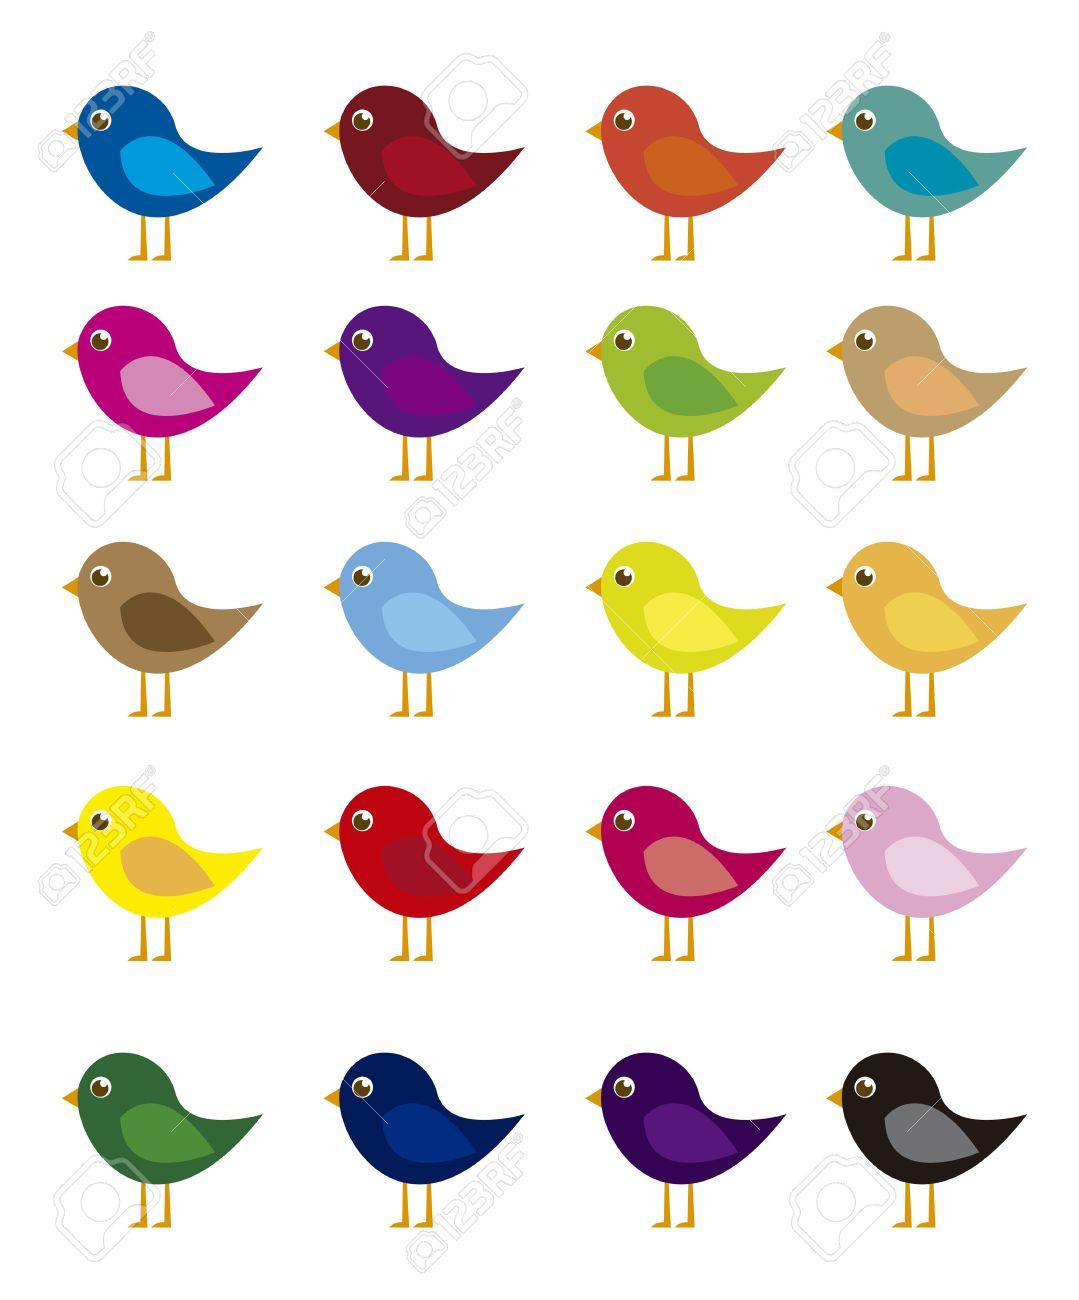 De Dibujos Animados Pájaros De Colores Aislados Sobre Fondo Blanco